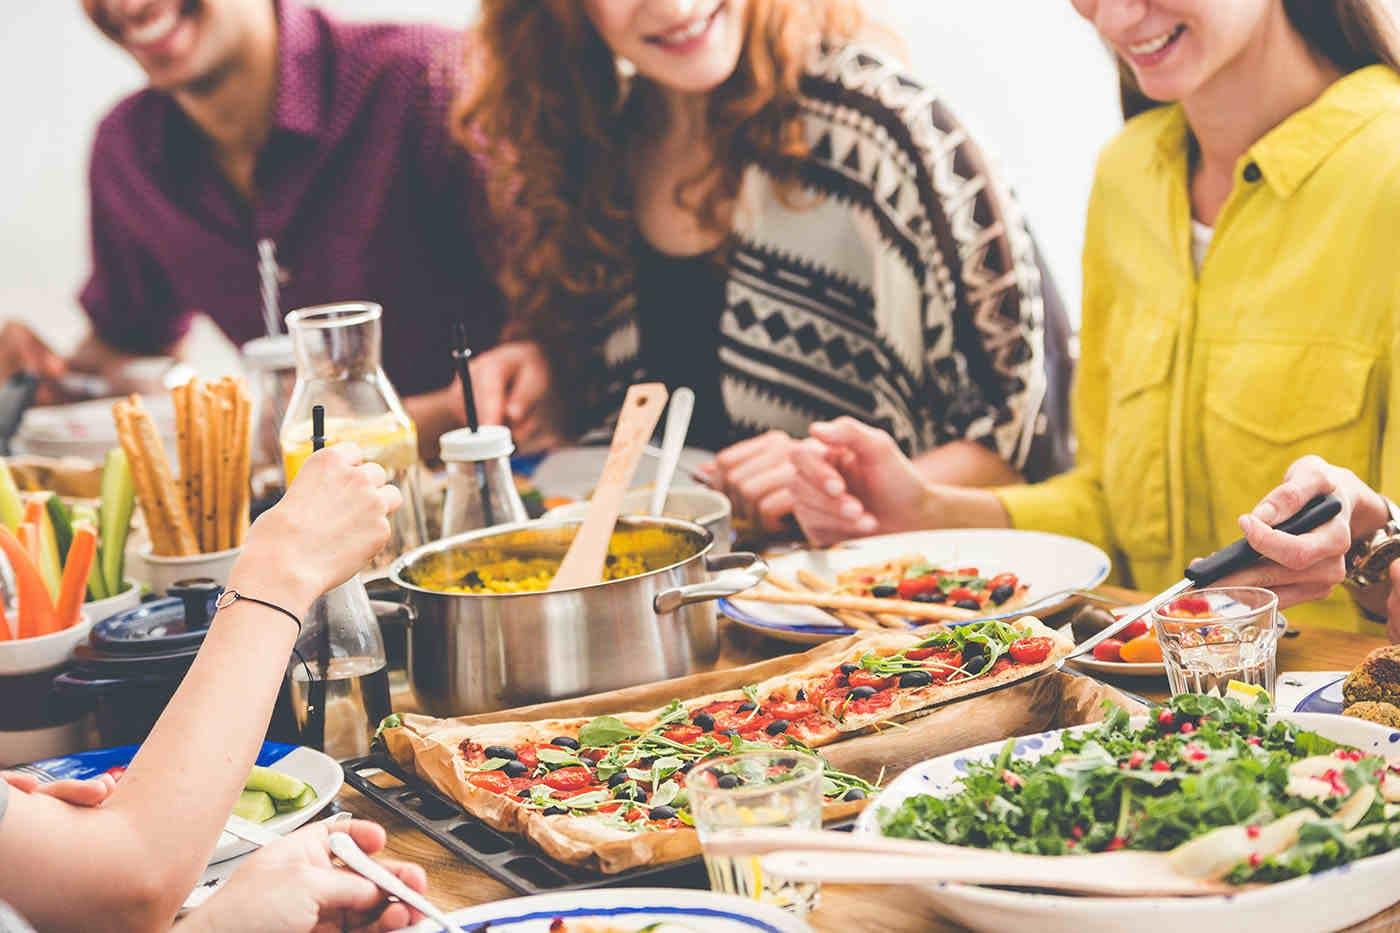 Ce este veganismul și ce mănâncă veganii?